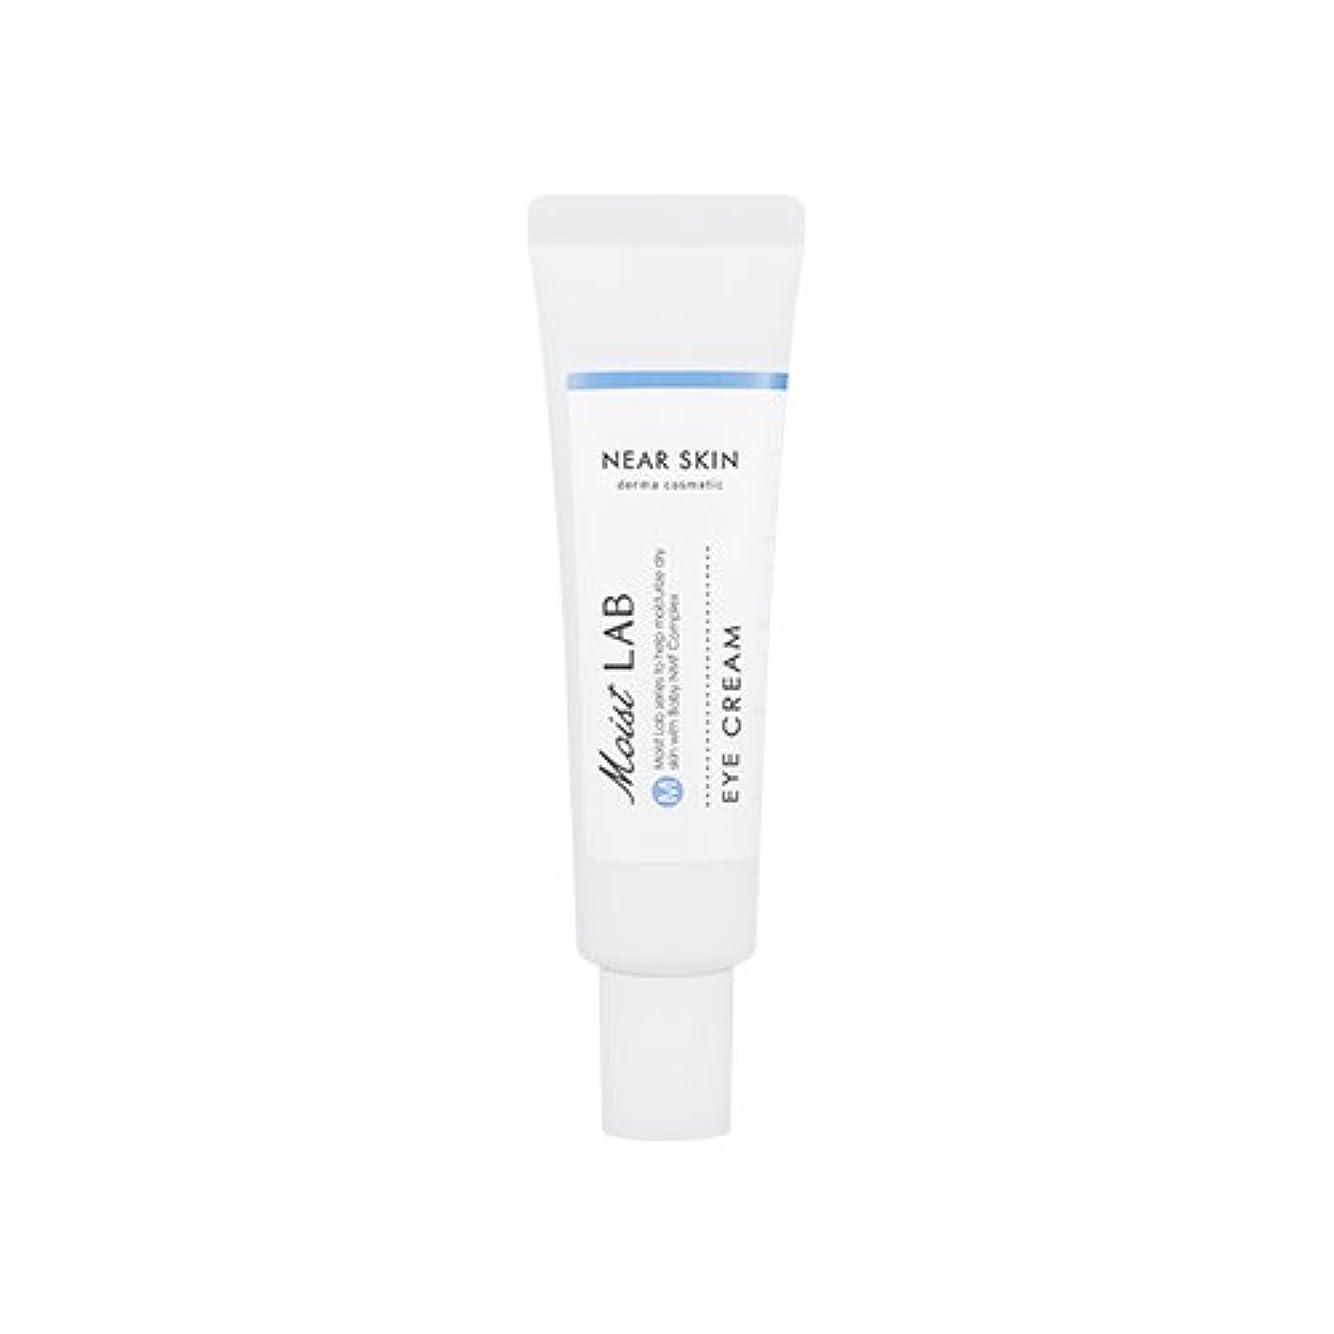 結婚する抱擁氷MISSHA NEAR SKIN Derma Cosmetic Moist LAB (Eye Cream) / ミシャ ニアスキン ダーマコスメティックモイストラボ アイクリーム 30ml [並行輸入品]